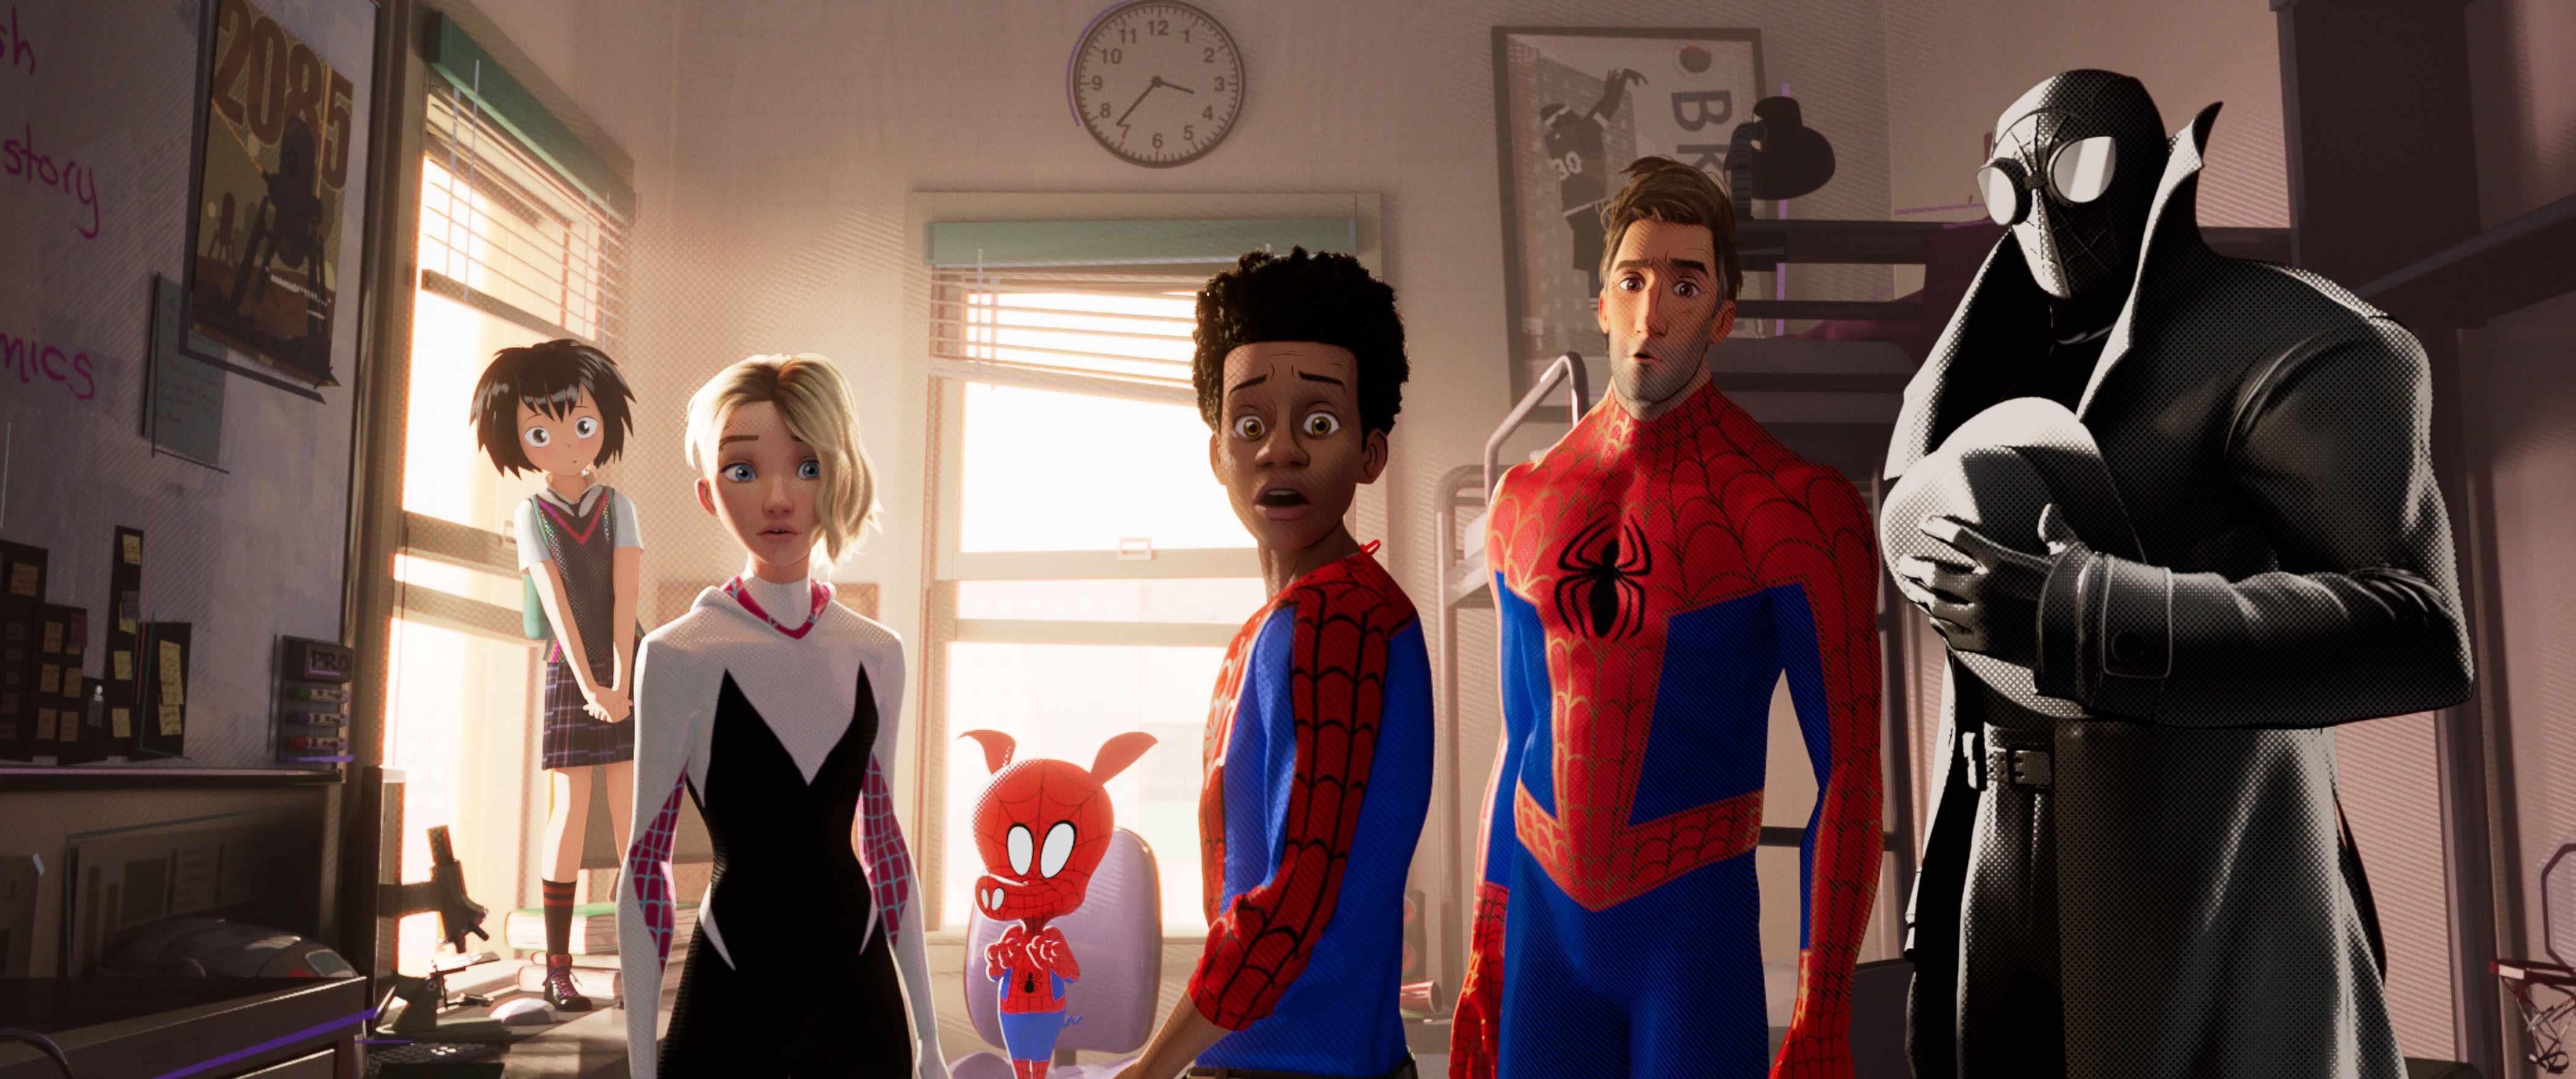 Peni (Kimiko Glen), Spider-Gwen (Hailee Steinfeld), Spider-Ham (John Mulaney), Miles Morales (Shameik Moore), Peter Parker (Jake Johnson), Spider-Man Noir (Nicolas Cage) in Spider-Man: Into the Spider-Verse (Sony)